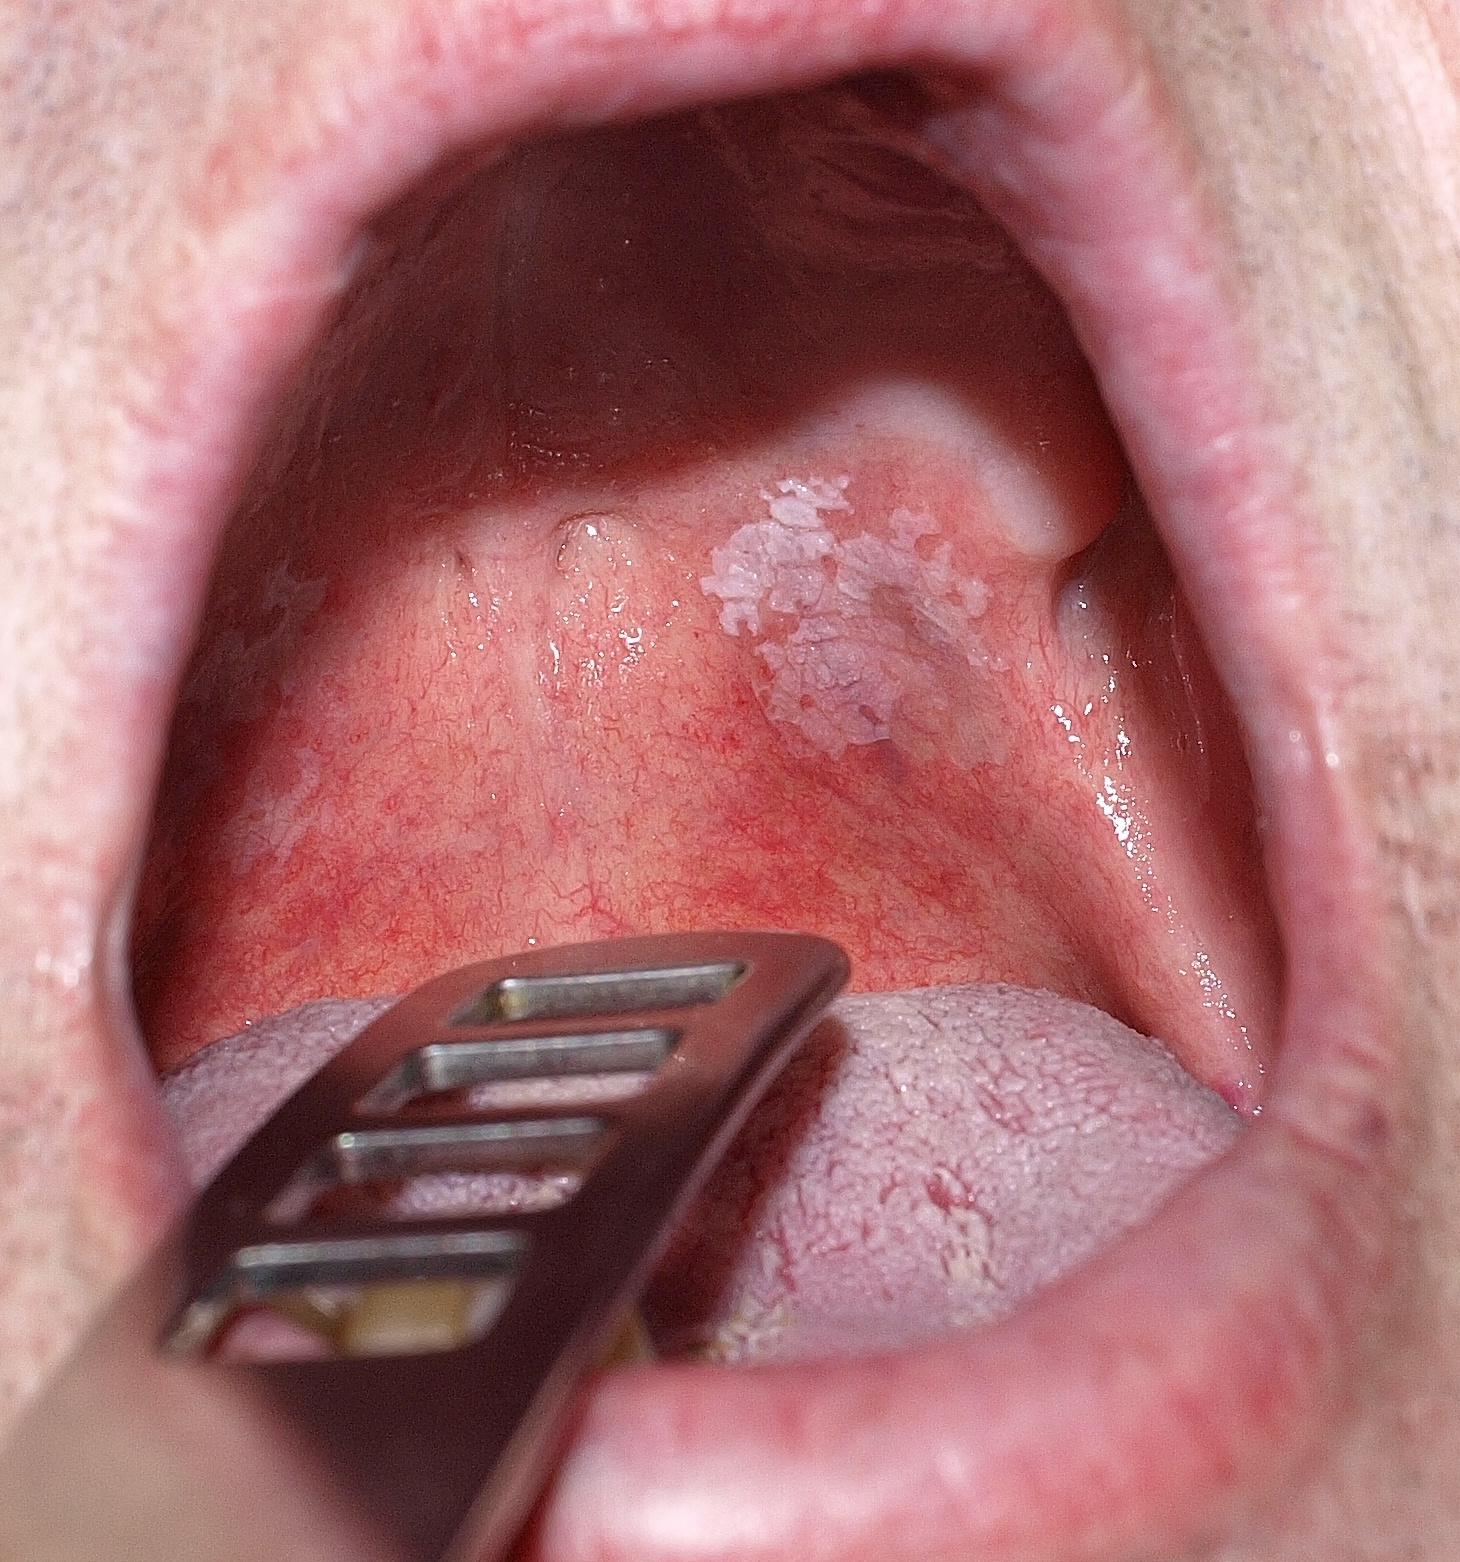 fáj-e a nyelv HPV-je